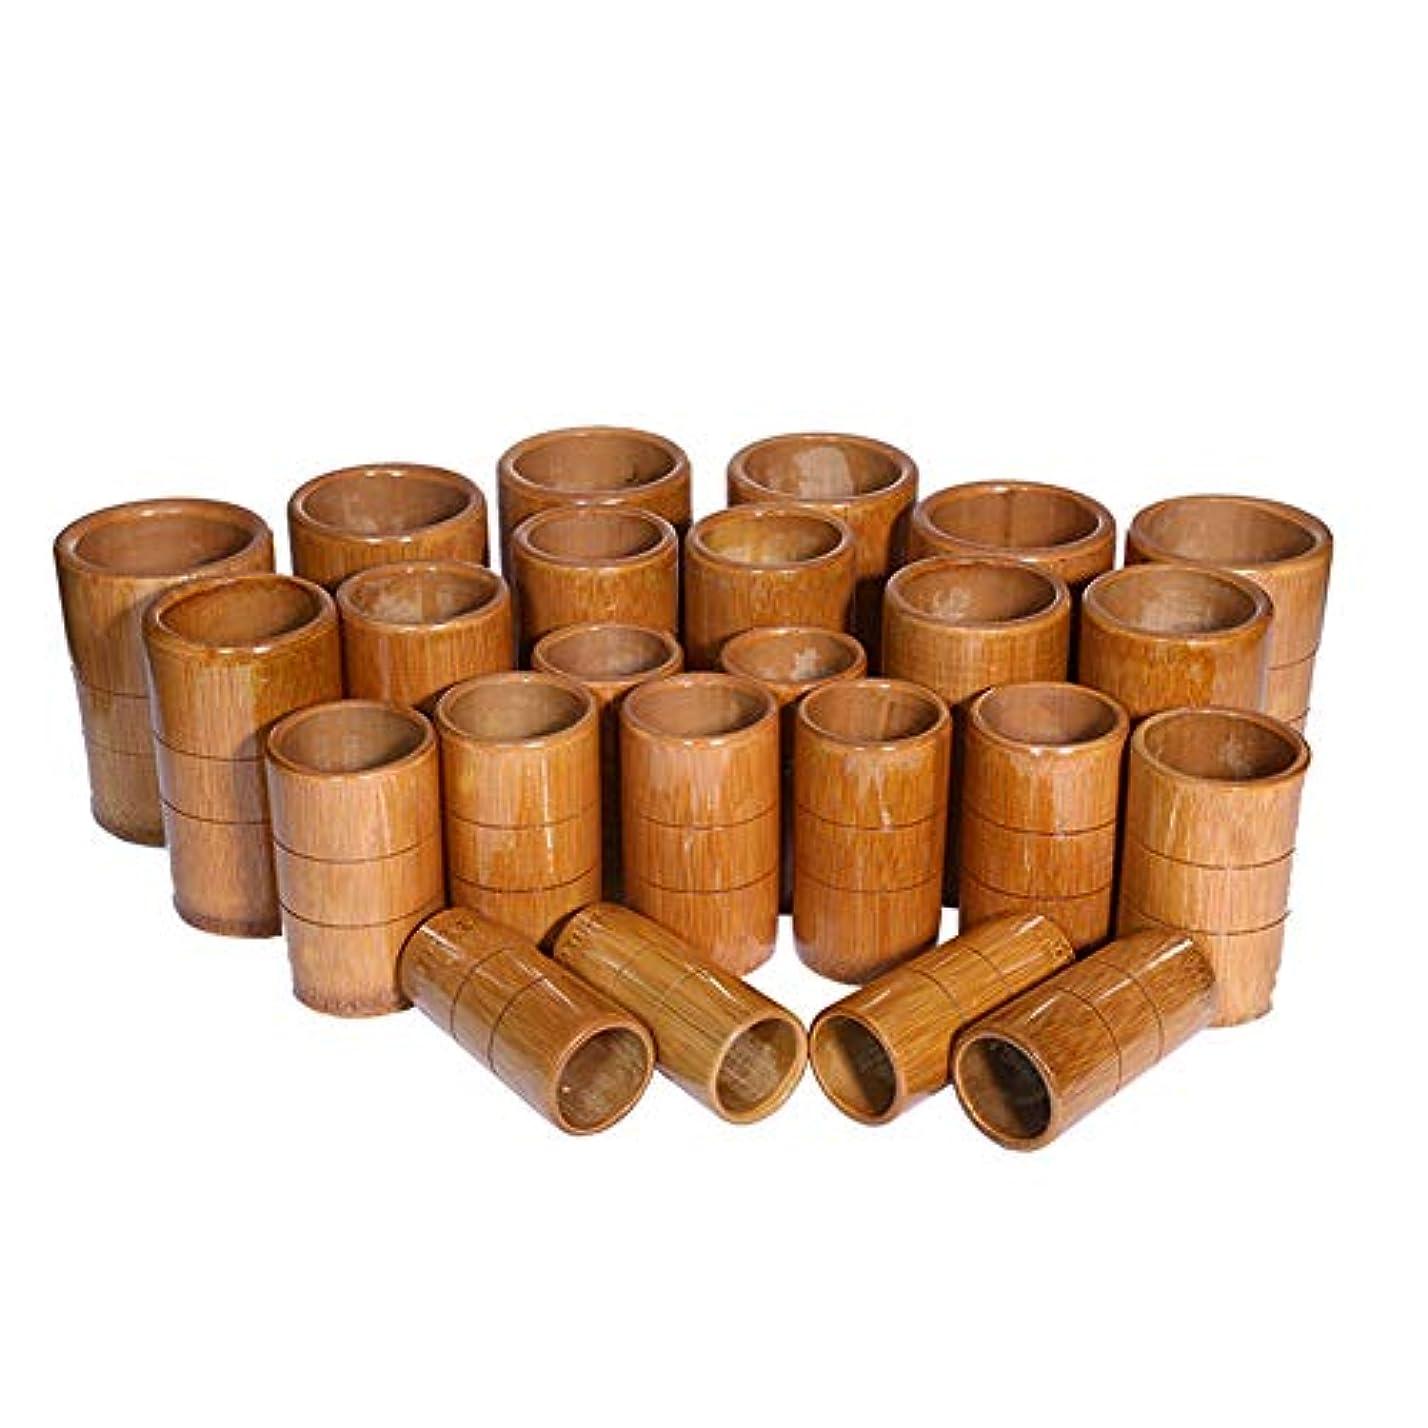 不健全ふざけたプラグカッピング竹療法セットマッサージ真空カップキット - 炭缶鍼灸医療吸引セット,A10pcs